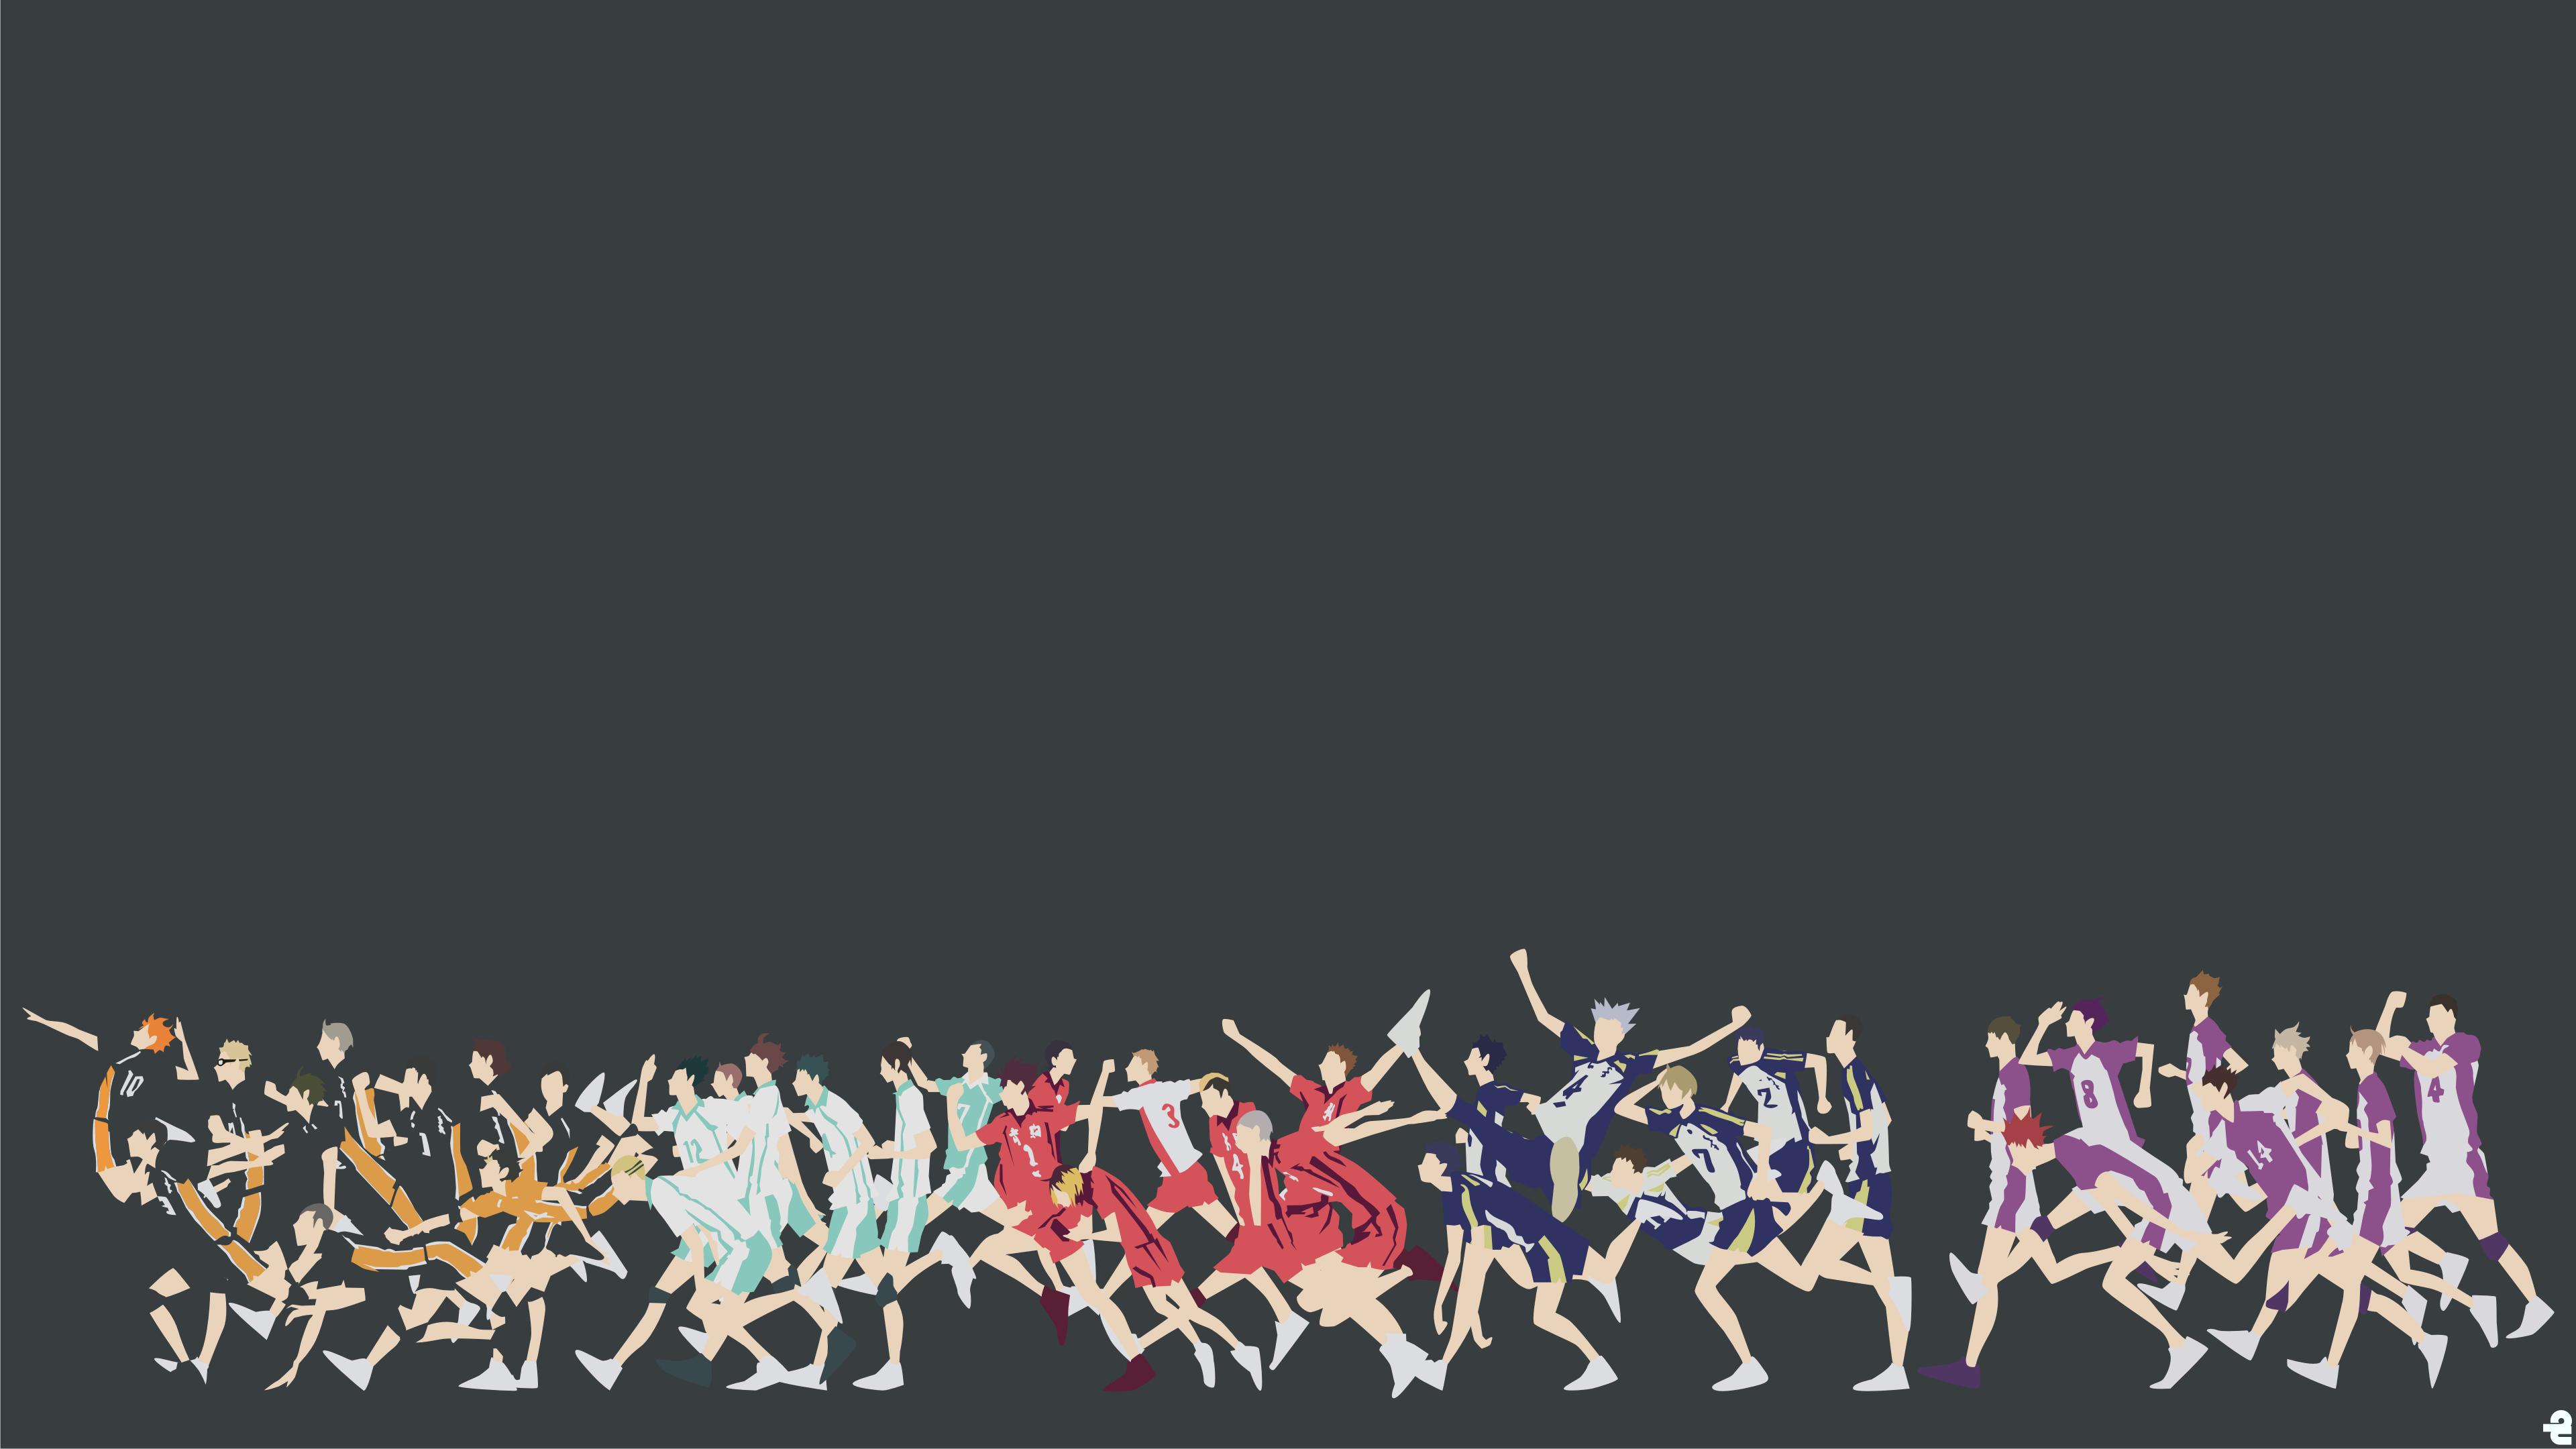 Haikyuu 4k Background - HD Wallpaper